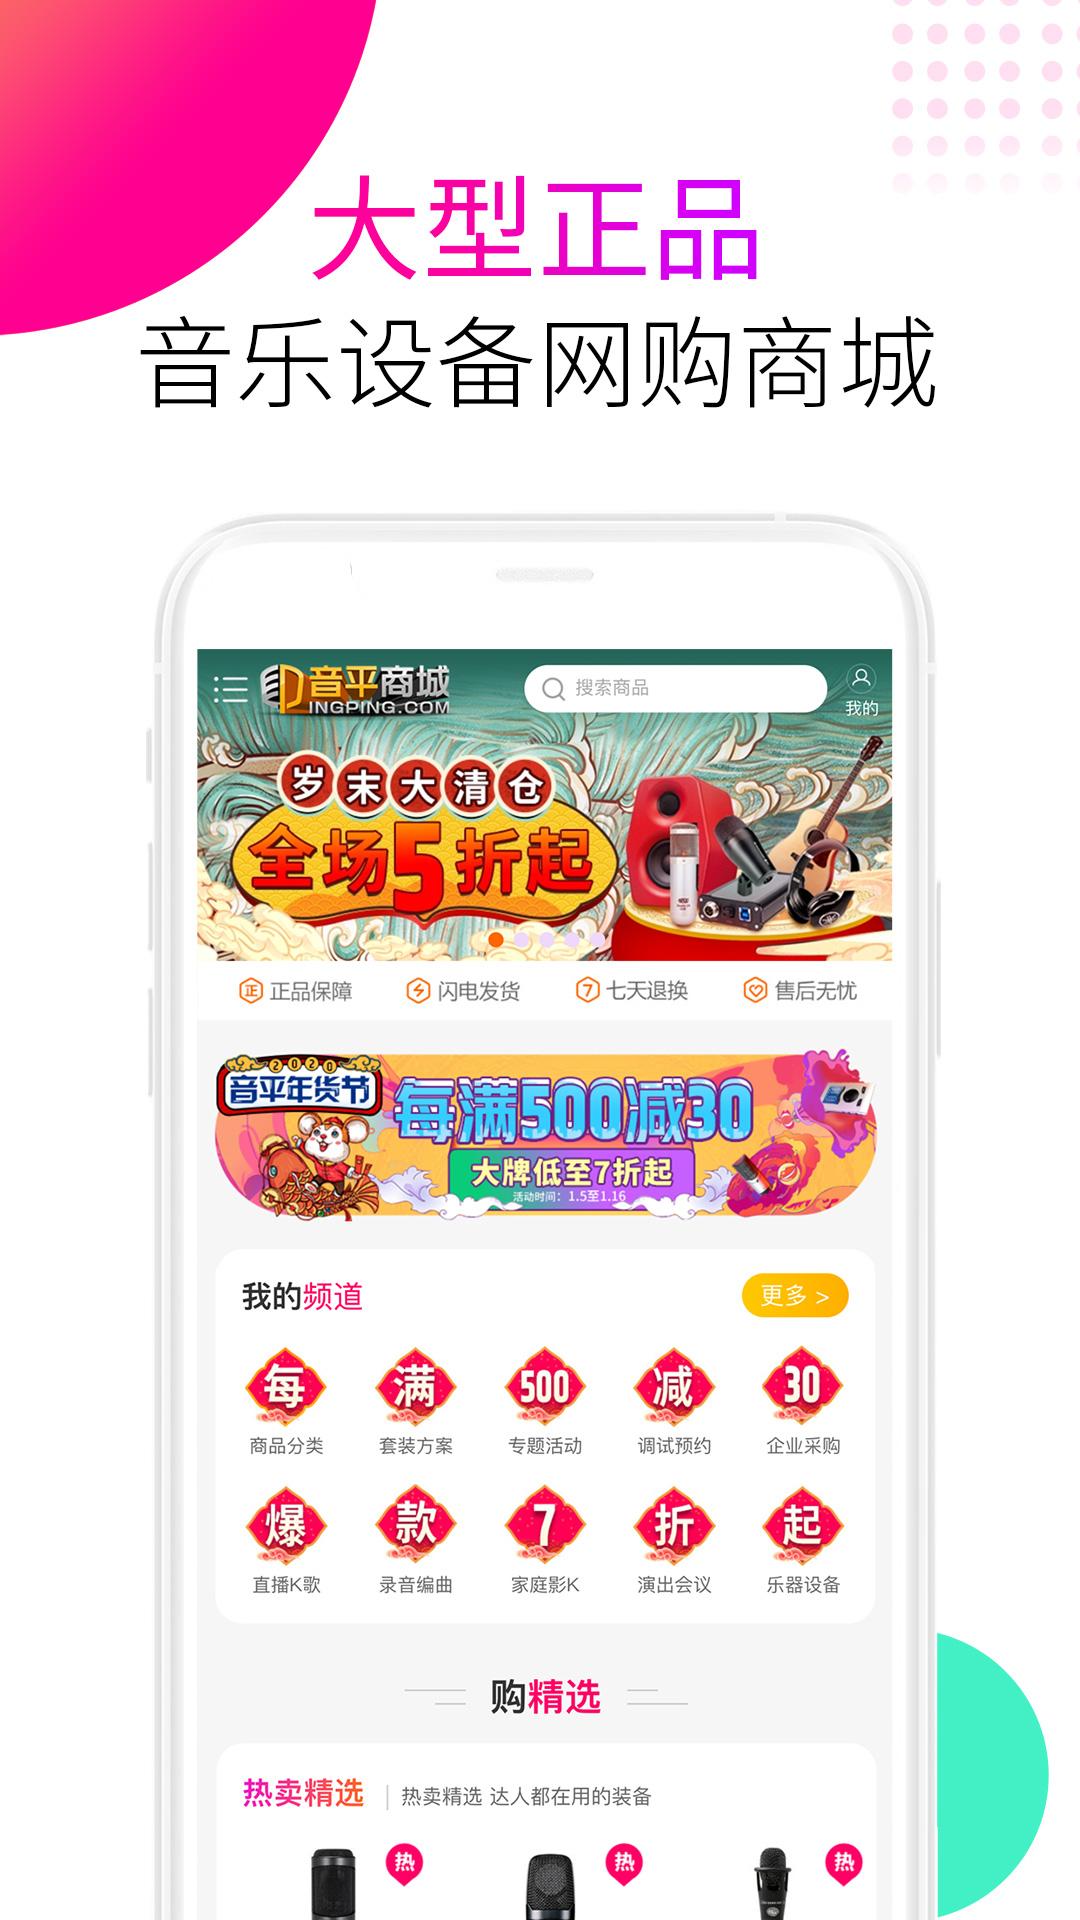 音平商城下载 音平商城7.8.6安卓版免费下载